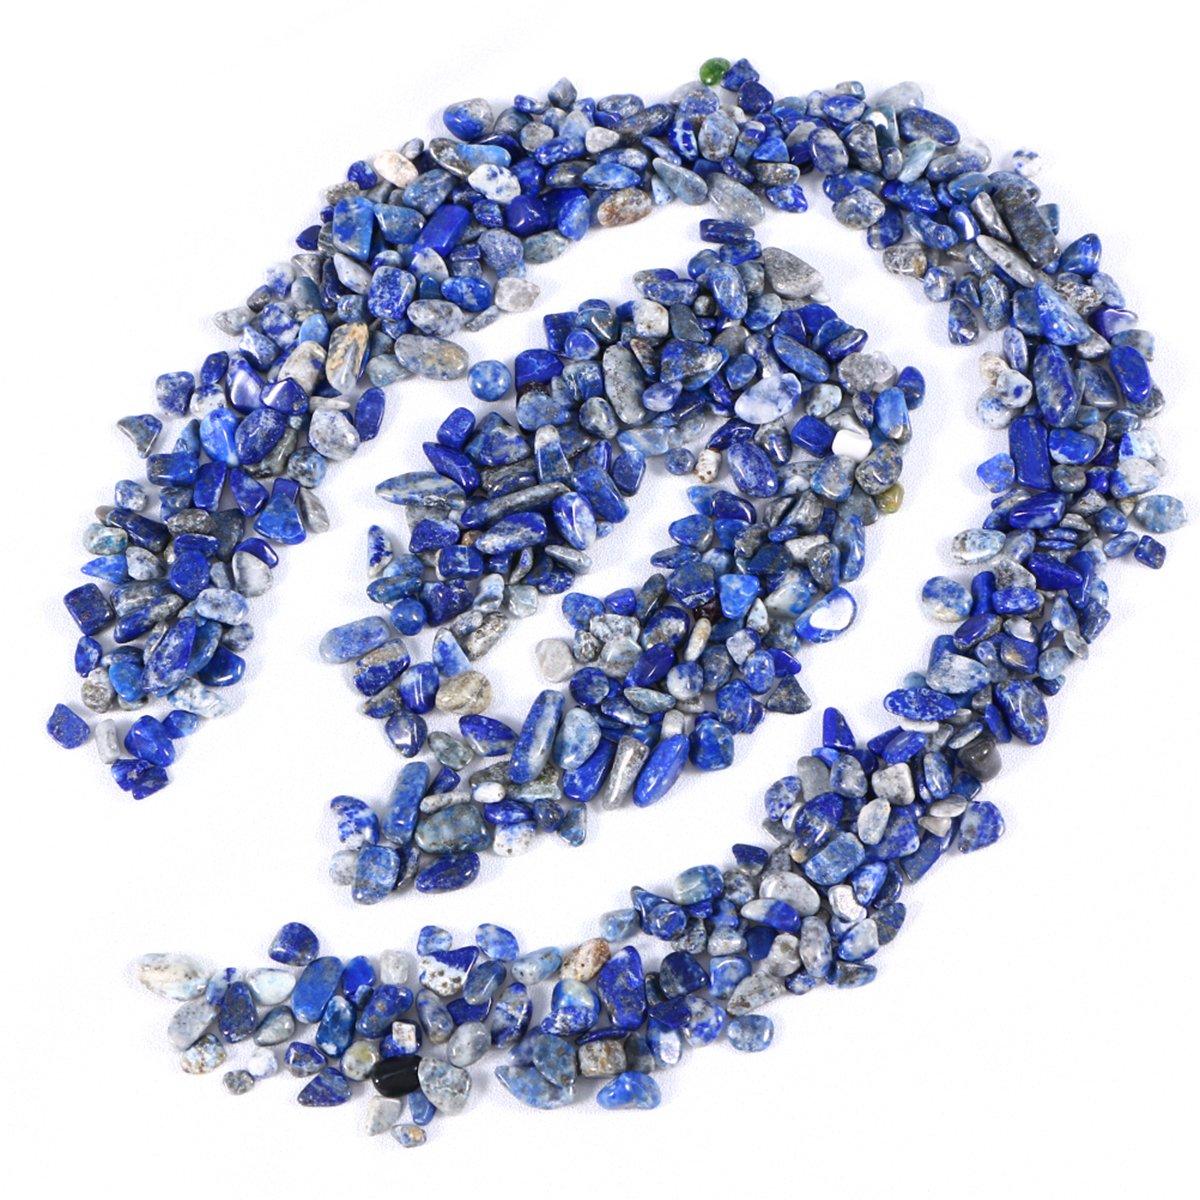 UEETEK Pierres de roche décoratives de couleur mélangée de gravier poli pour l'aquarium (bleu)